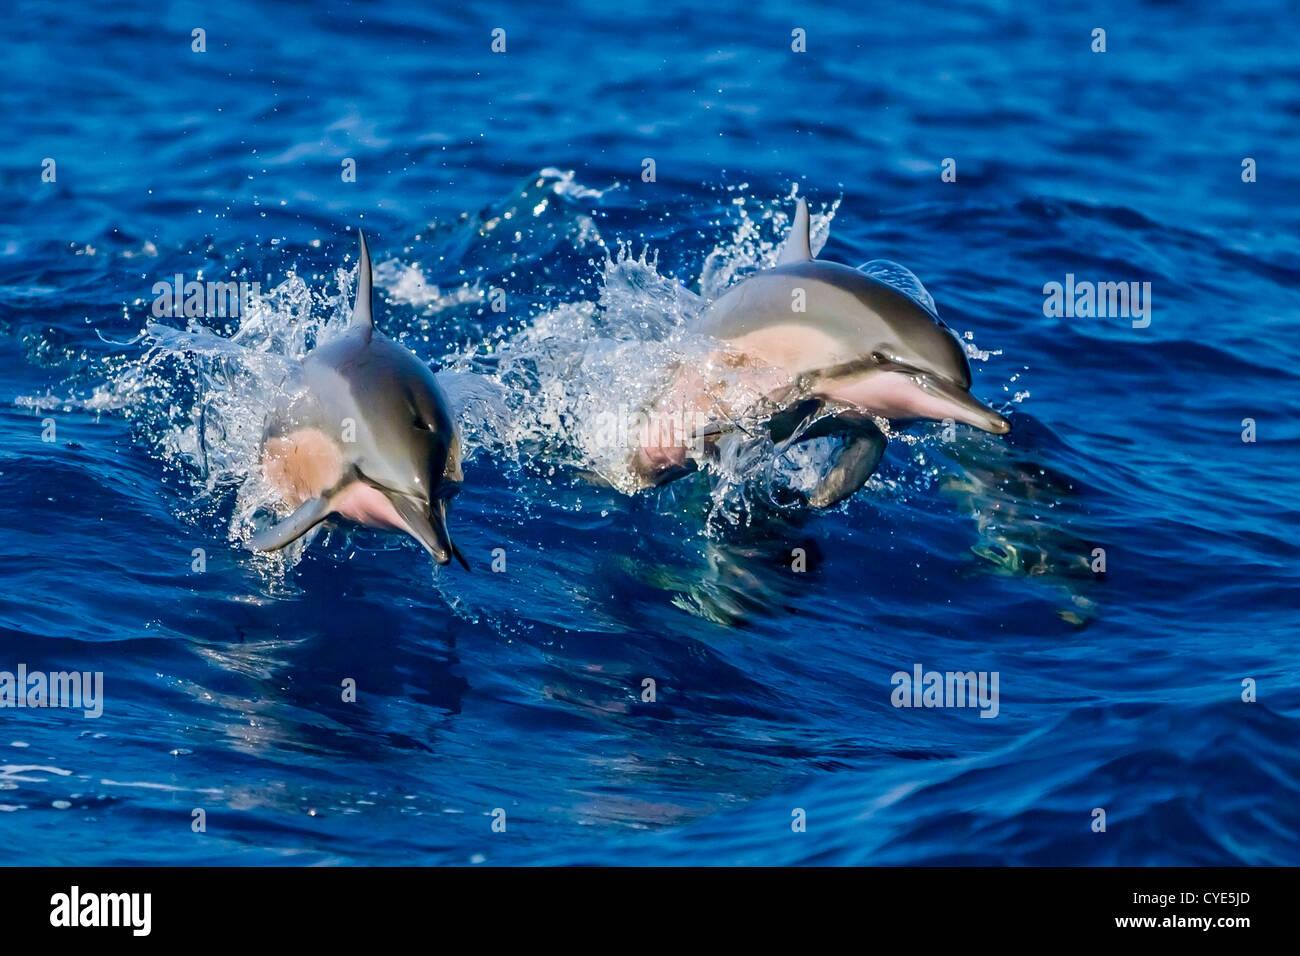 Par de Hawaiian delfines (Stenella longirostris longirostris), saltando de barco wake, Kealakekua Bay, Hawai Foto de stock